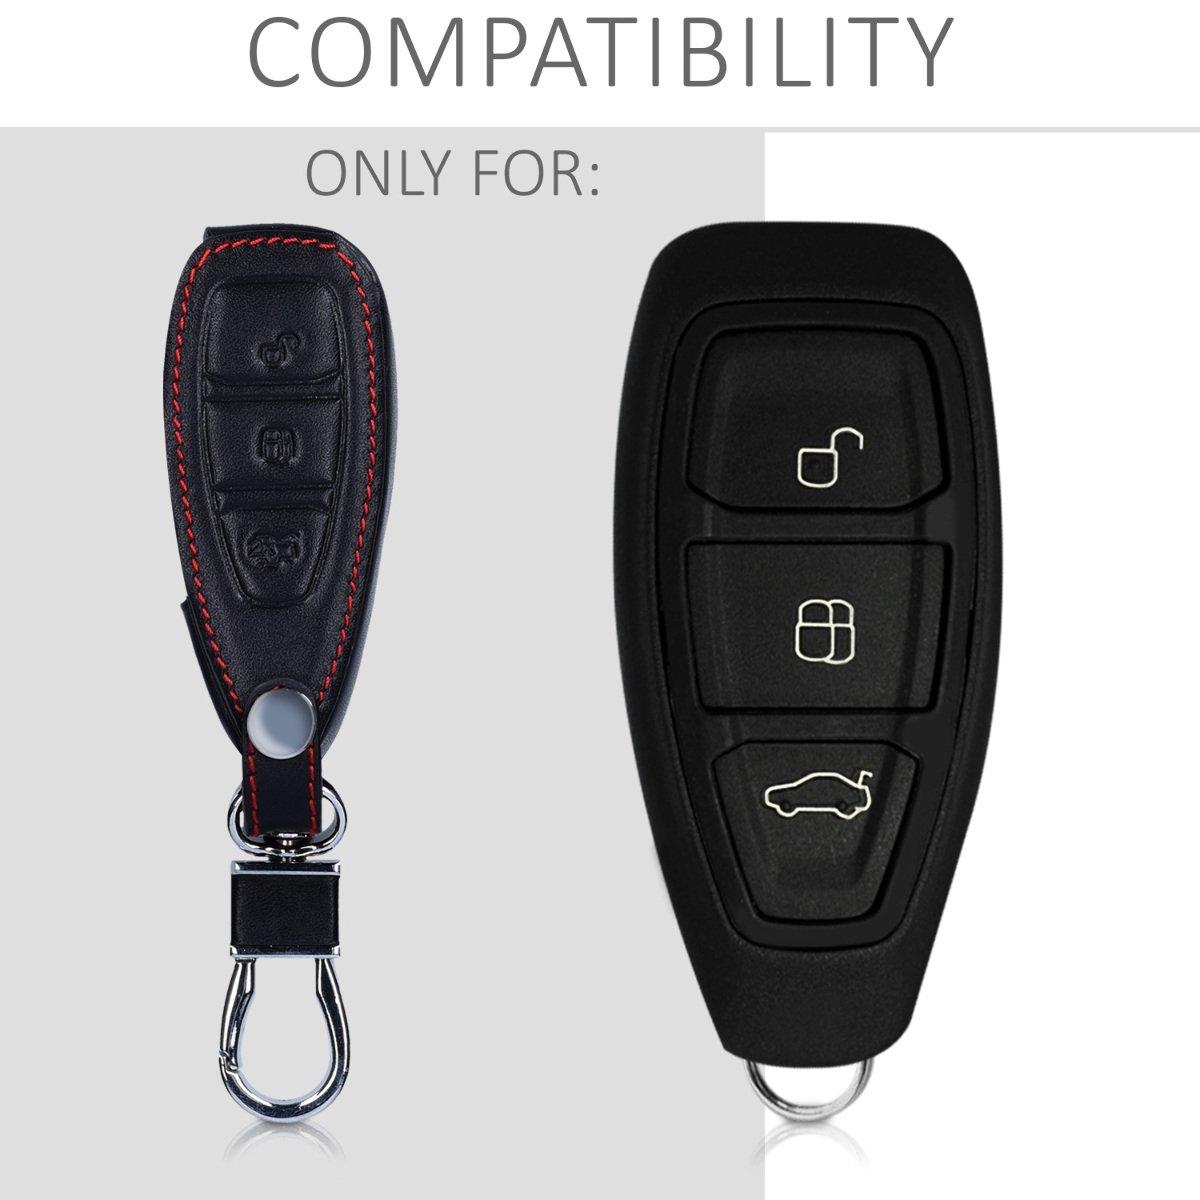 - Case para Mando y Control de Auto con dise/ño I Love my Car kwmobile Funda para Llave Keyless Go de 3 Botones para Coche Ford Cuero sint/ético Cubierta de